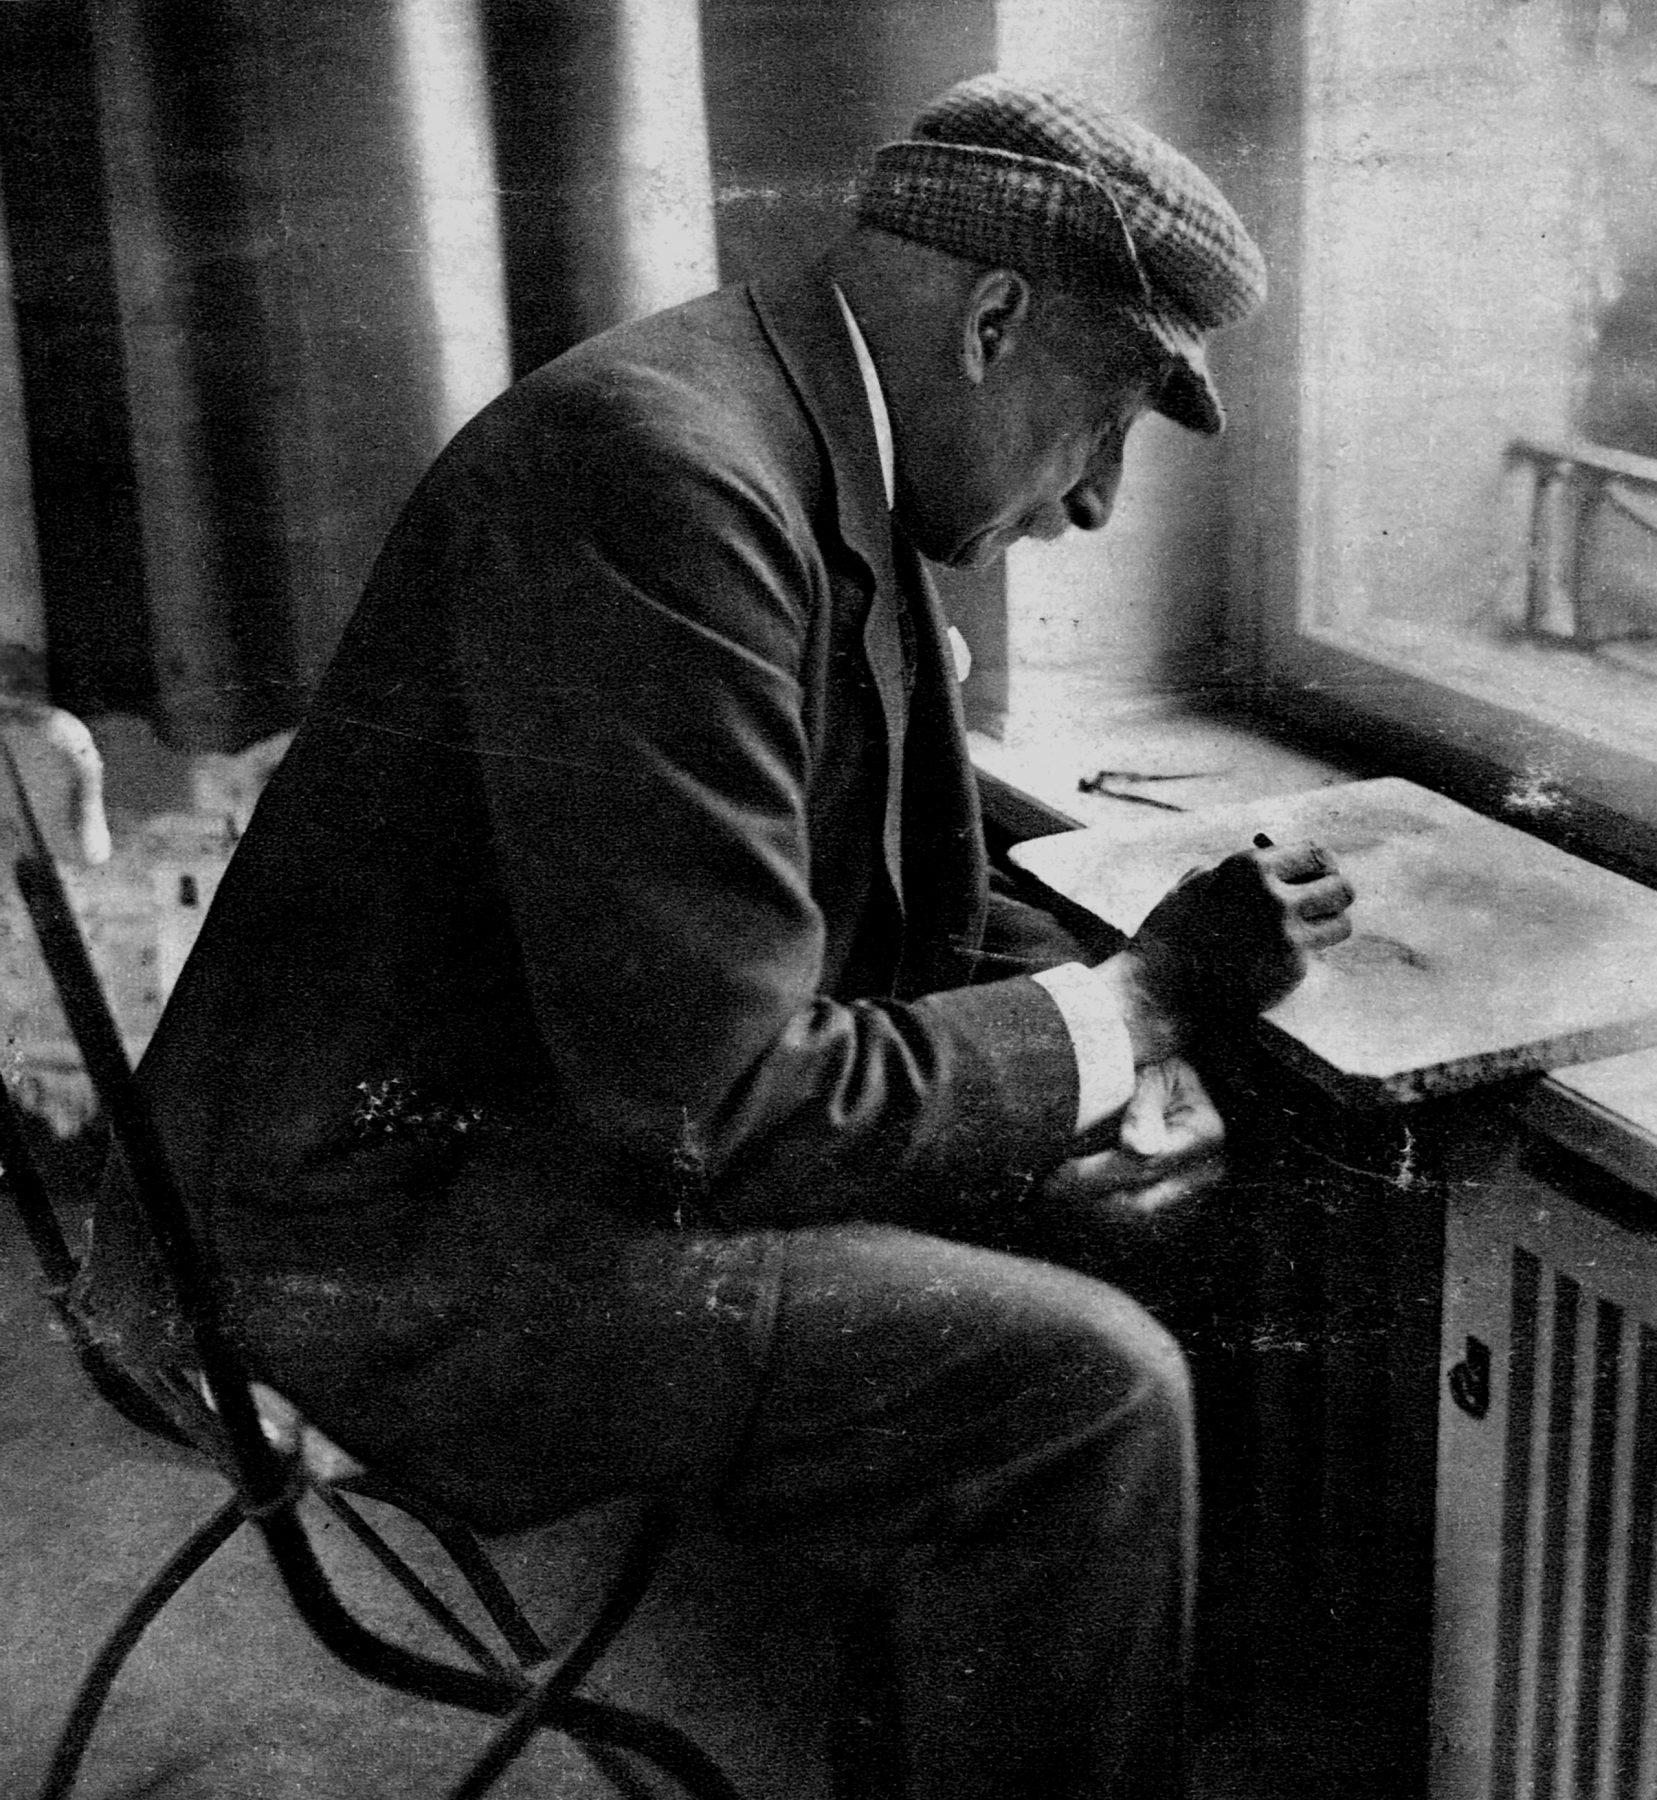 Max Liebermann sitzt an der Fensterbank seines Ateliers bei der Arbeit. Er trägt einen Anzug und eine Art Schiefermütze.